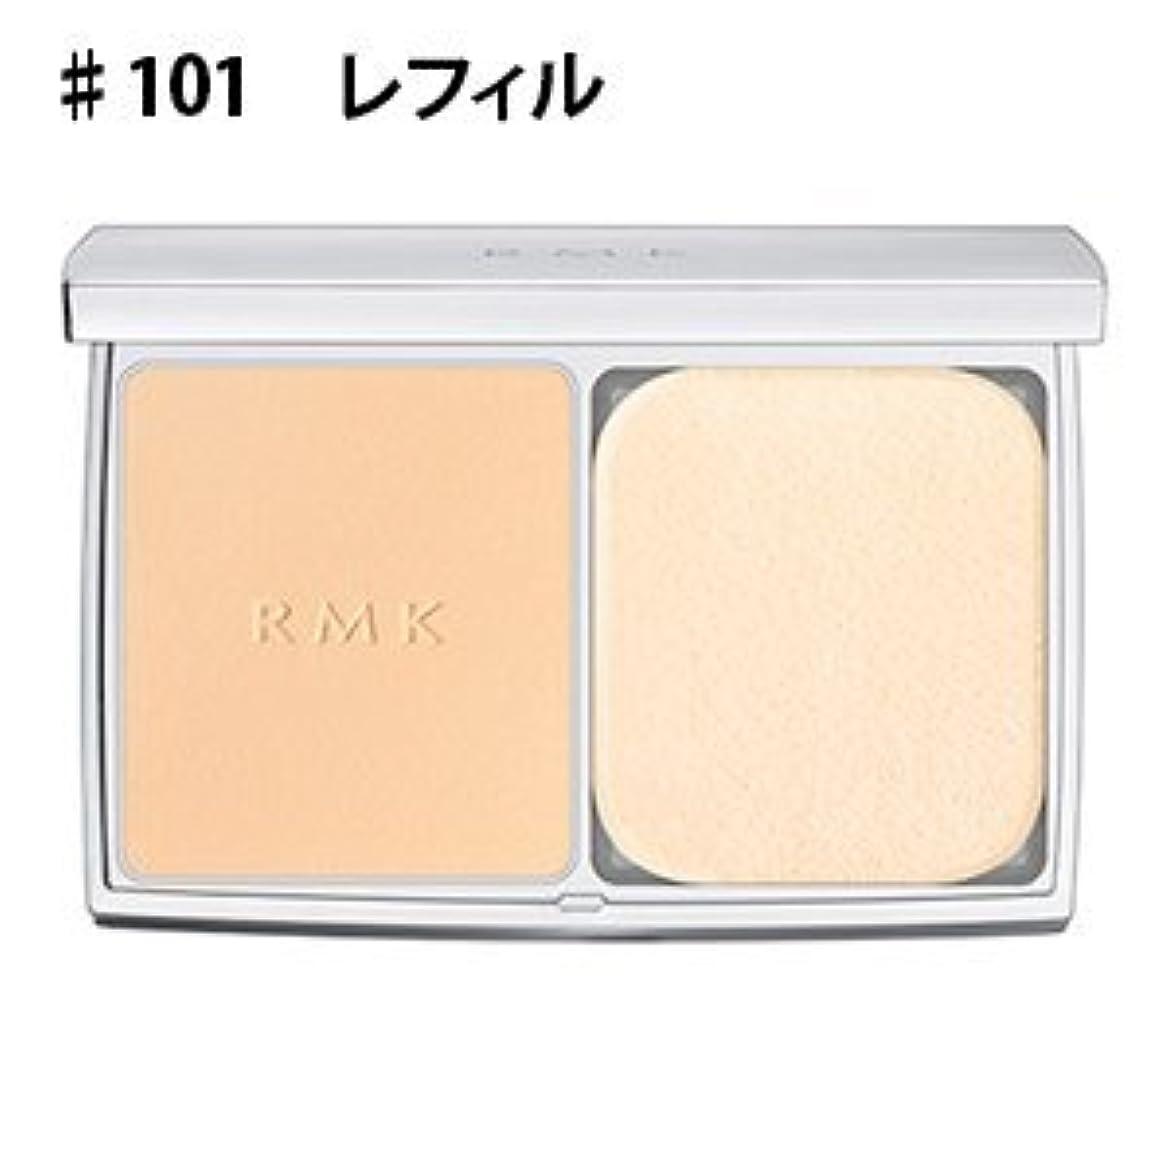 クラウド長方形混合した【RMK ファンデーション】RMK UV ファンデーション レフィル #101 【並行輸入品】